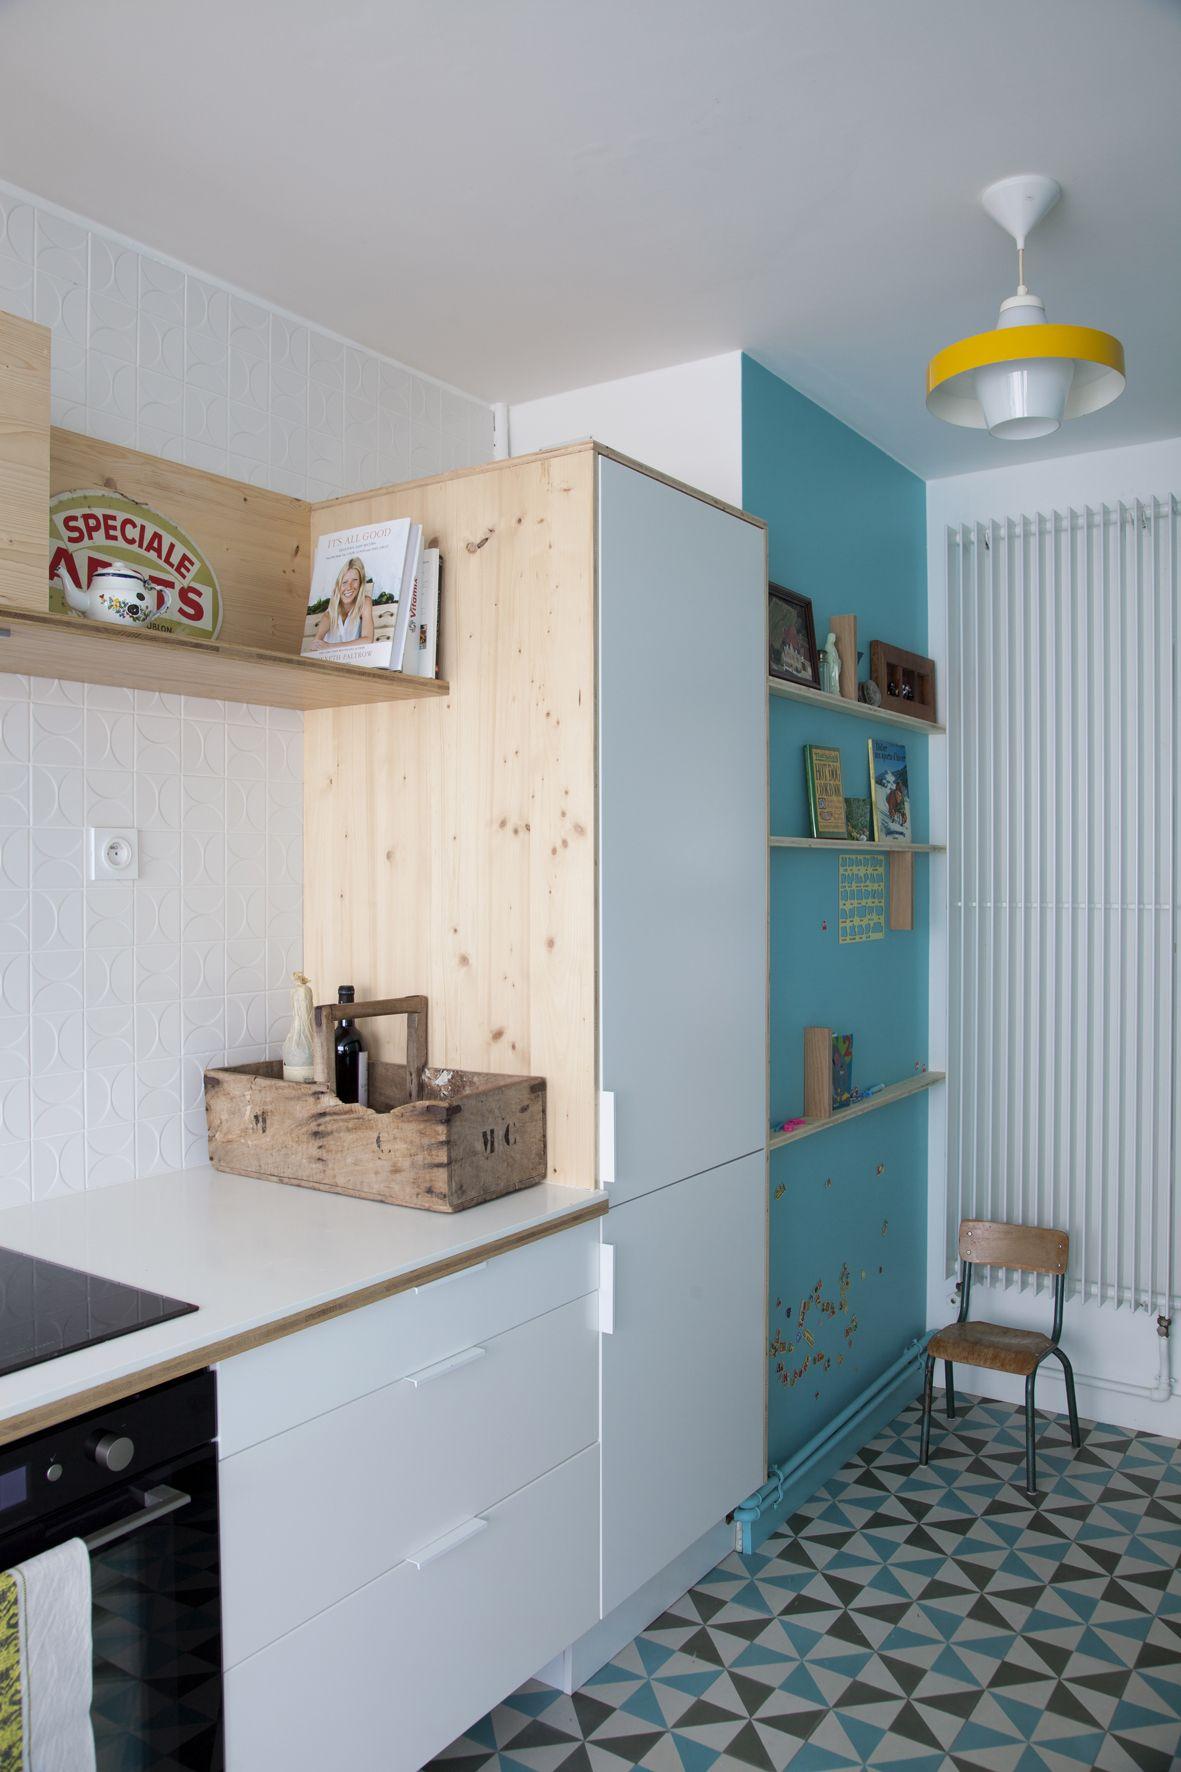 Du Blanc (carrelage Mural, Plan De Travail, Façadesu2026), Bois Blond Et Bleu  Turquoise : Ambiance Mi Californiene Mi Scandinave Pour Cette Cuisine Toute  En ...